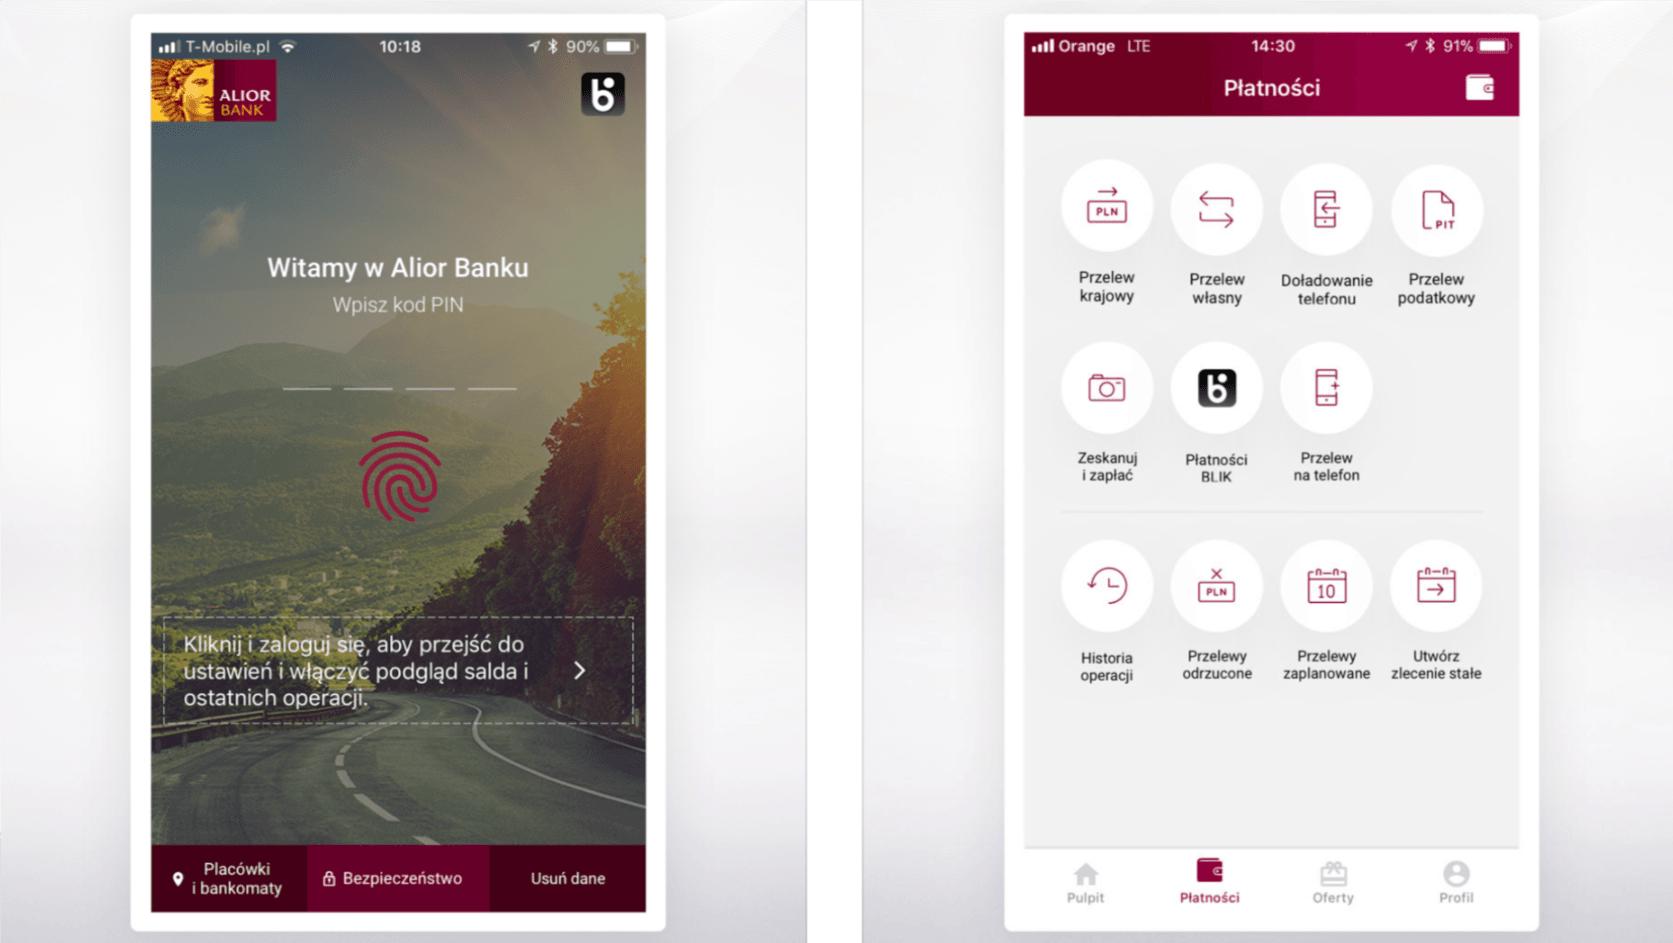 Aplikacja Alior Banku wspiera już autoryzowanie operacji przy pomocy odcisków palców